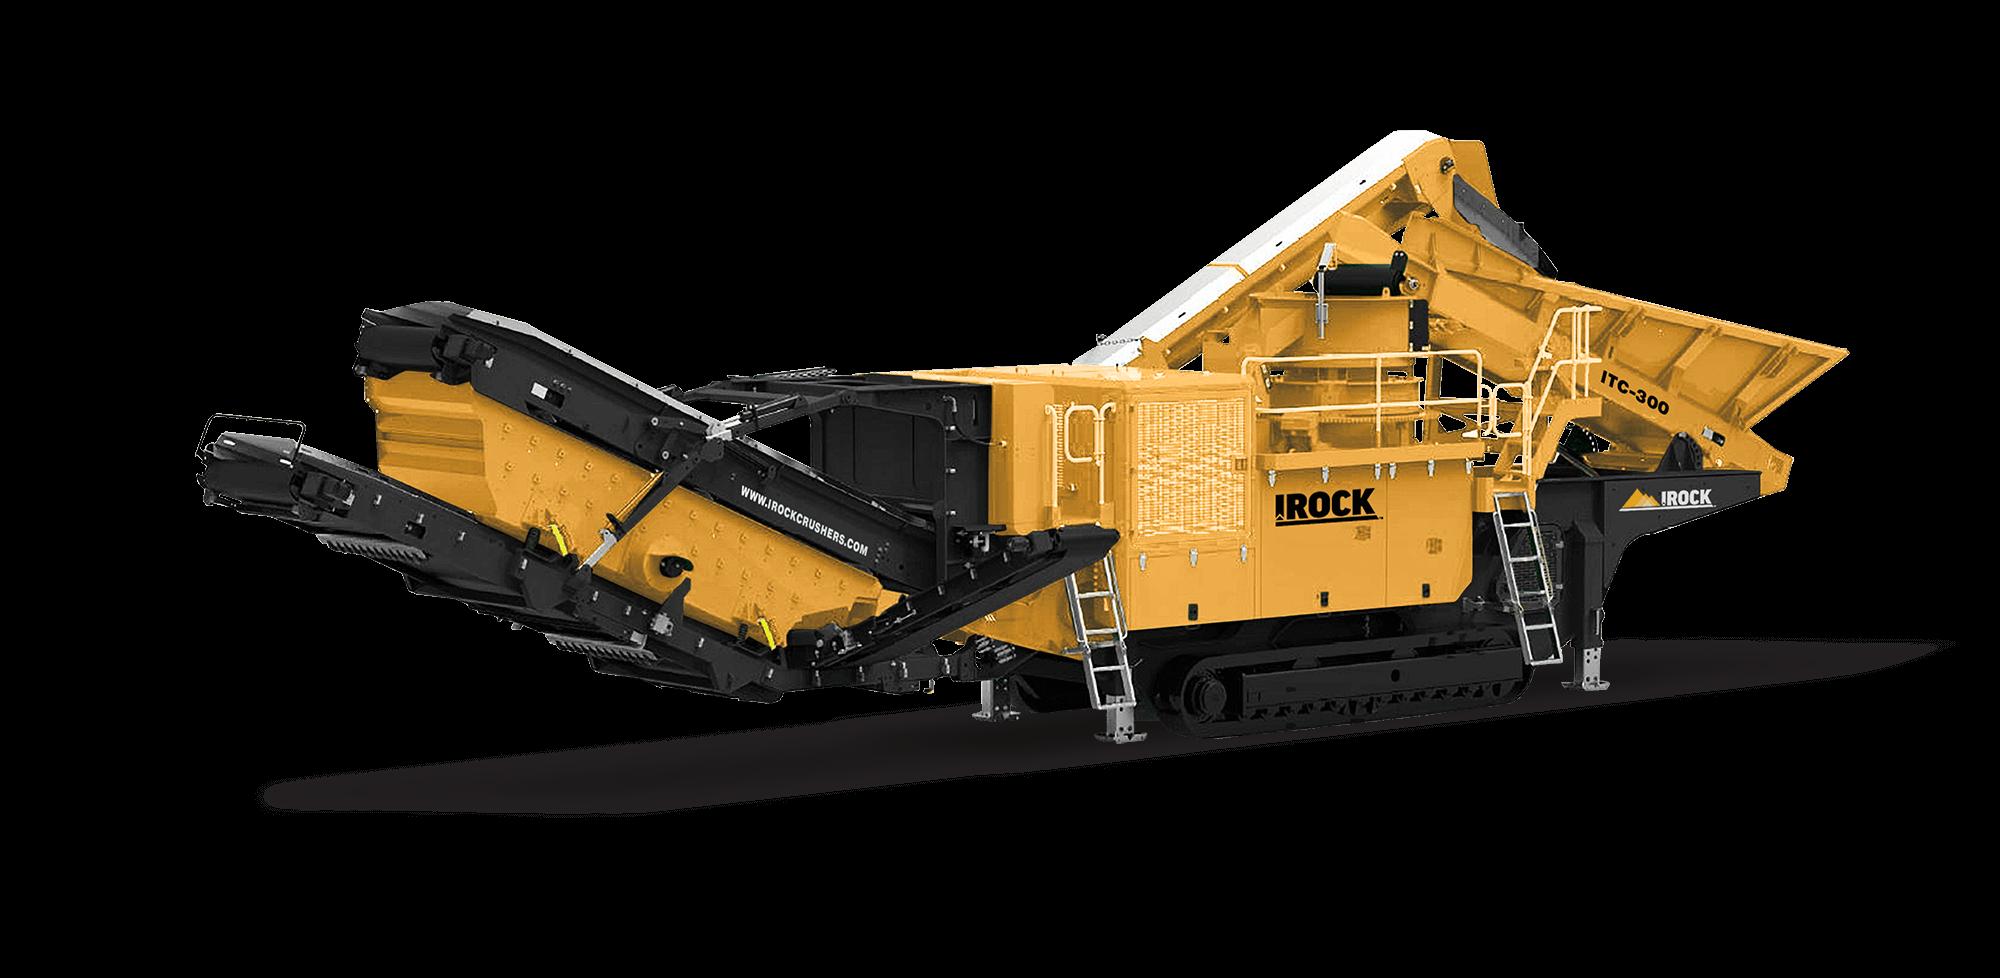 ITC-300